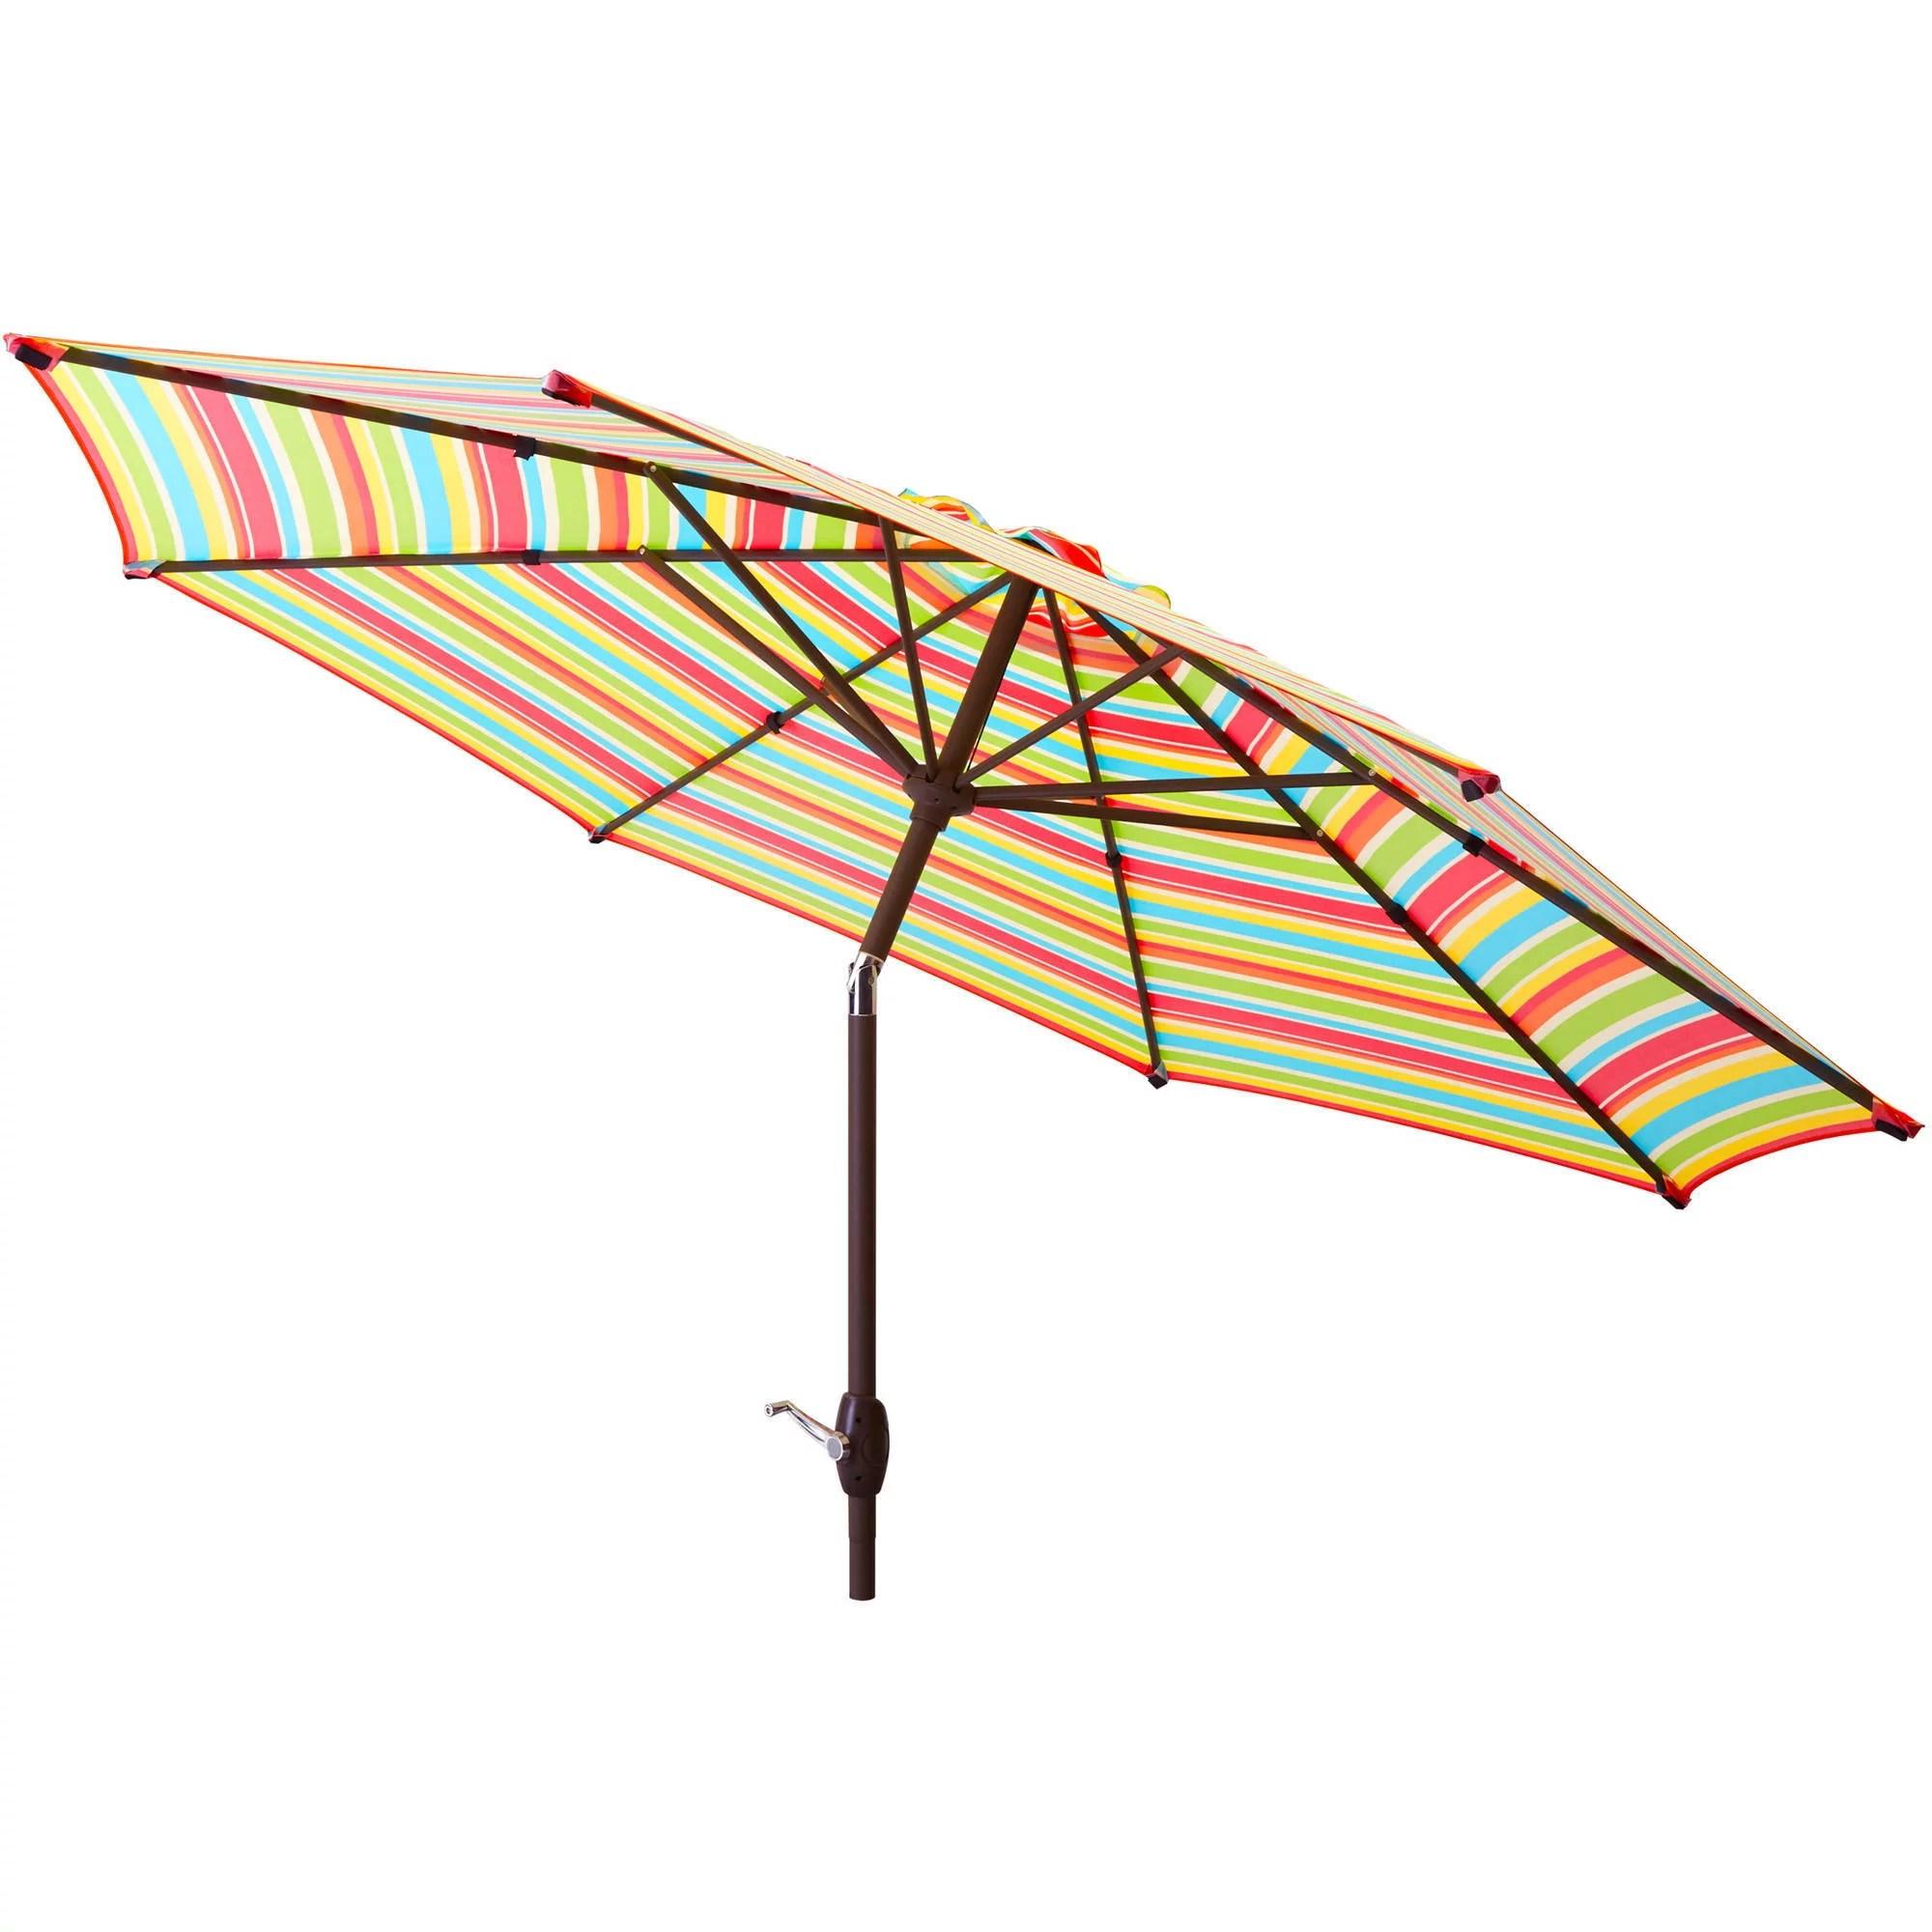 Patio Umbrella 9' Aluminum Patio Market Umbrella Tilt W